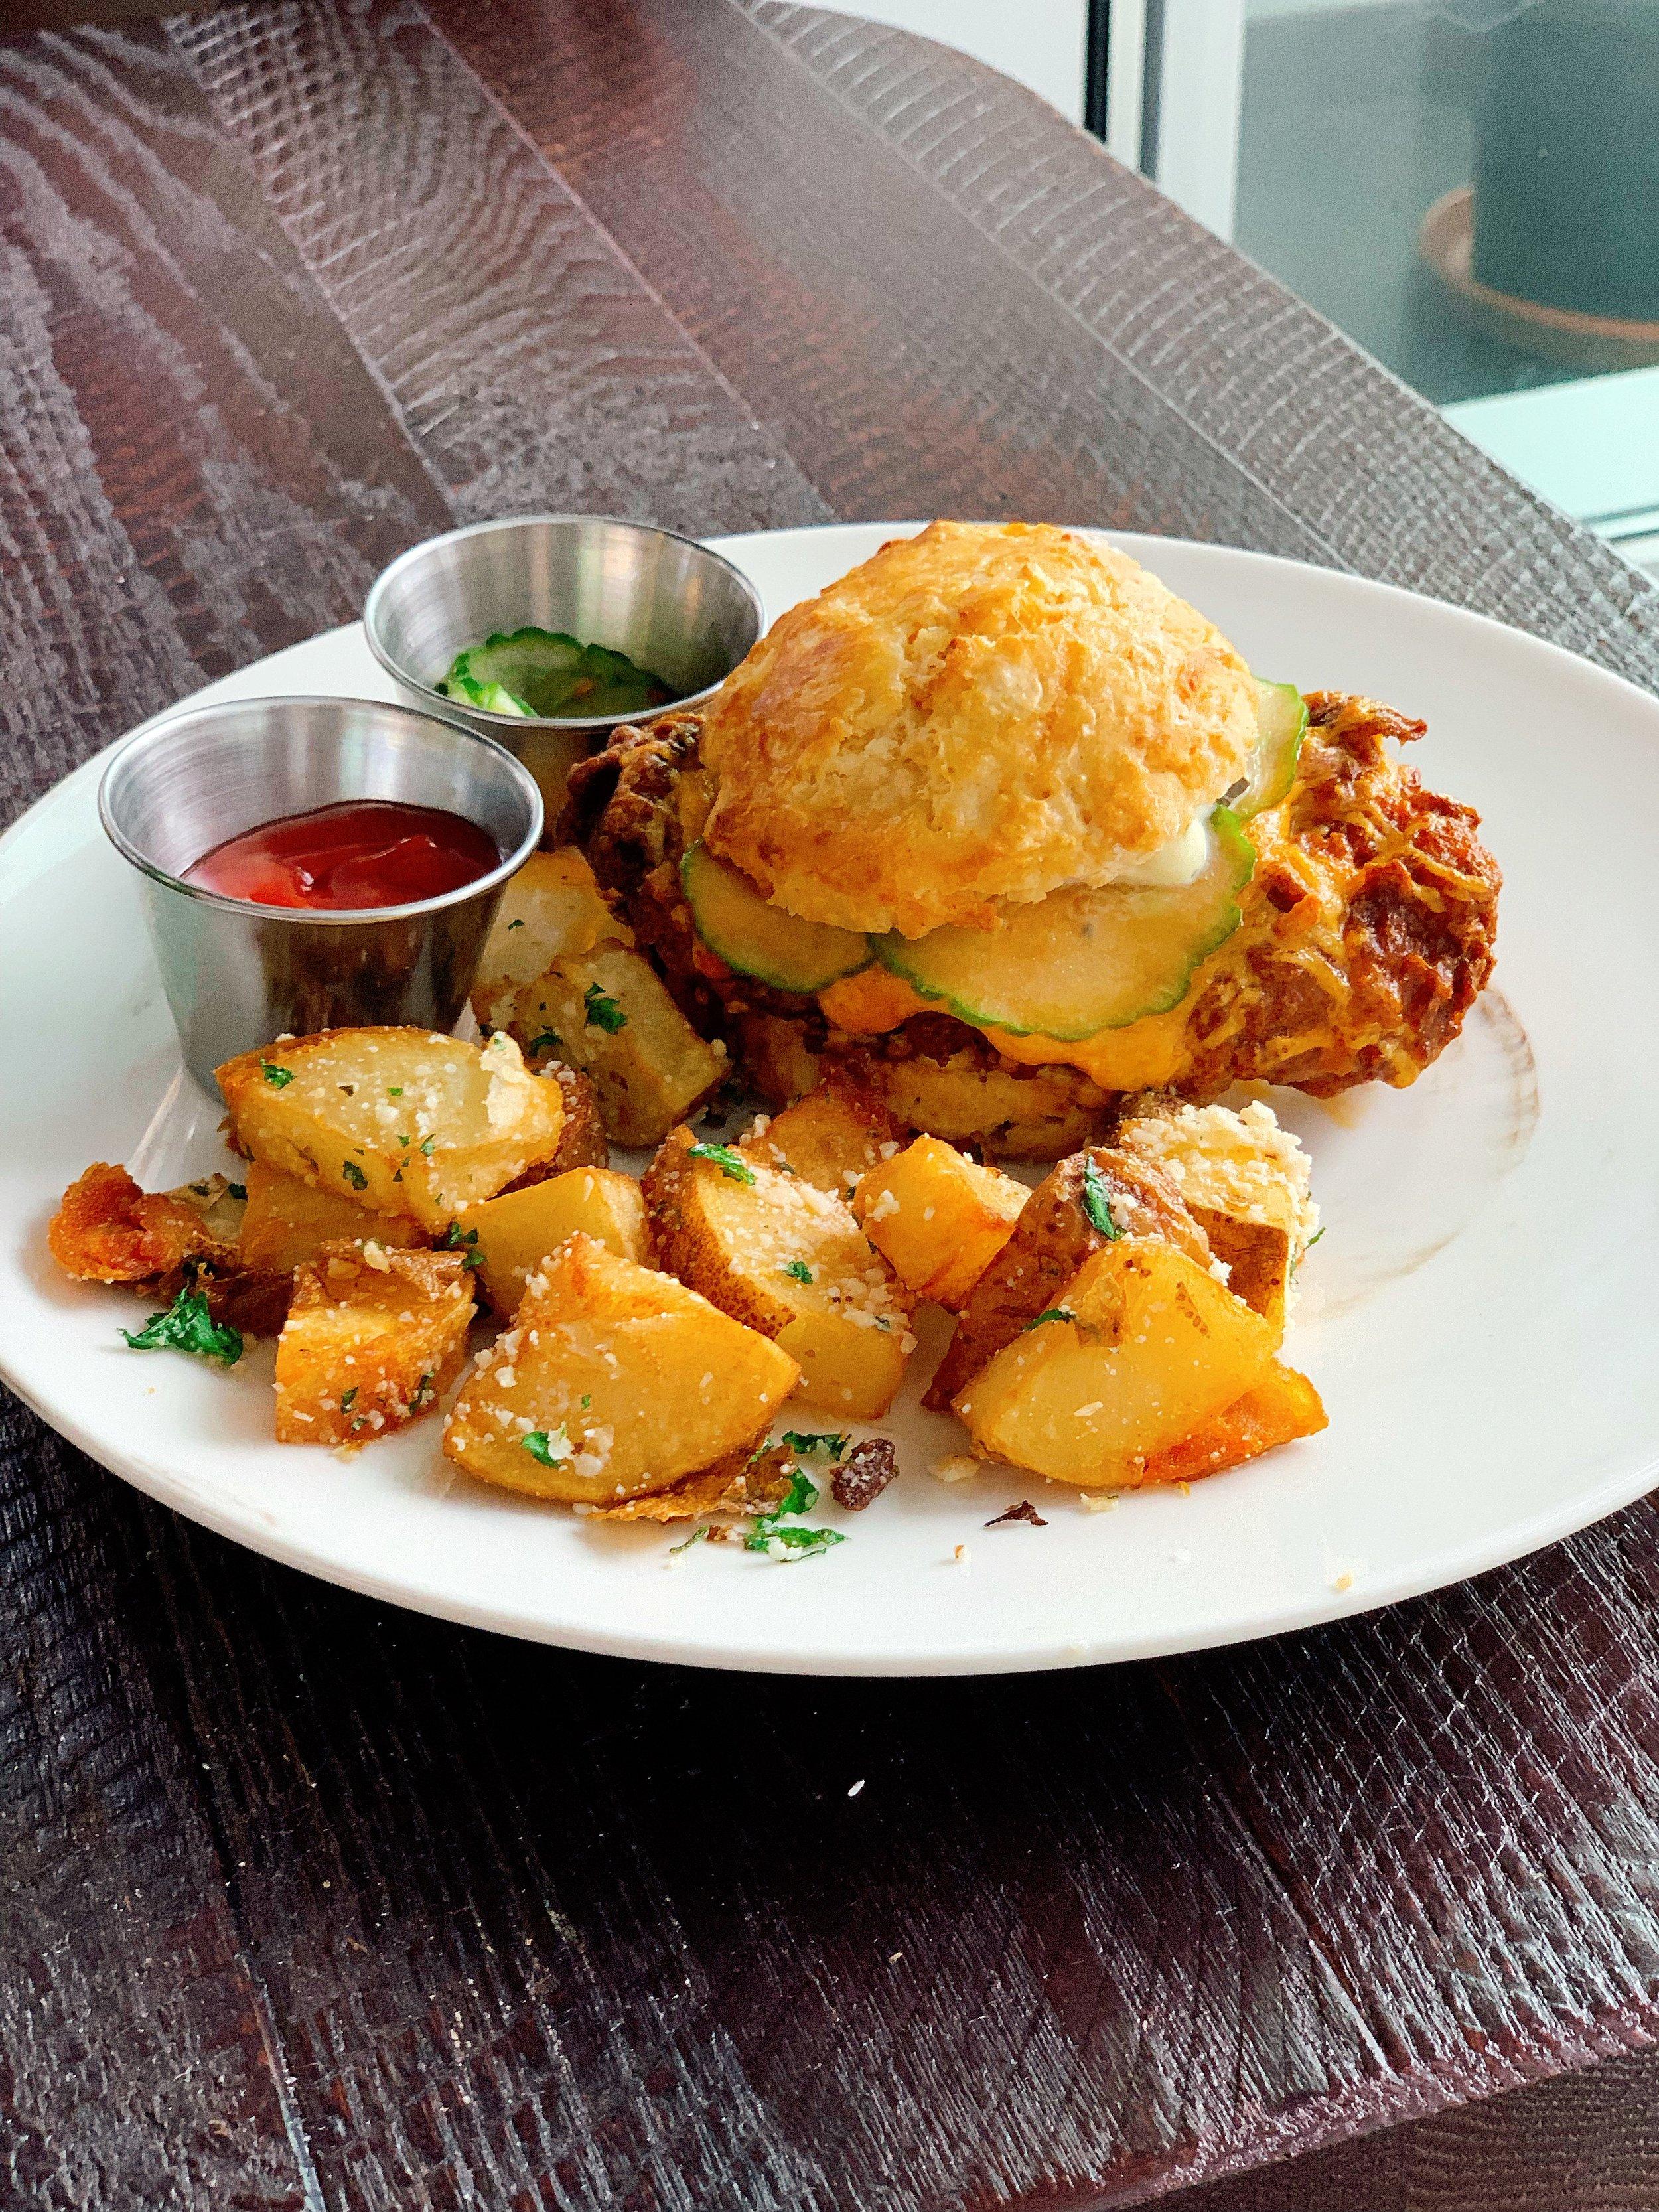 Fried Chicken Biscuit | Breakfast Potatoes